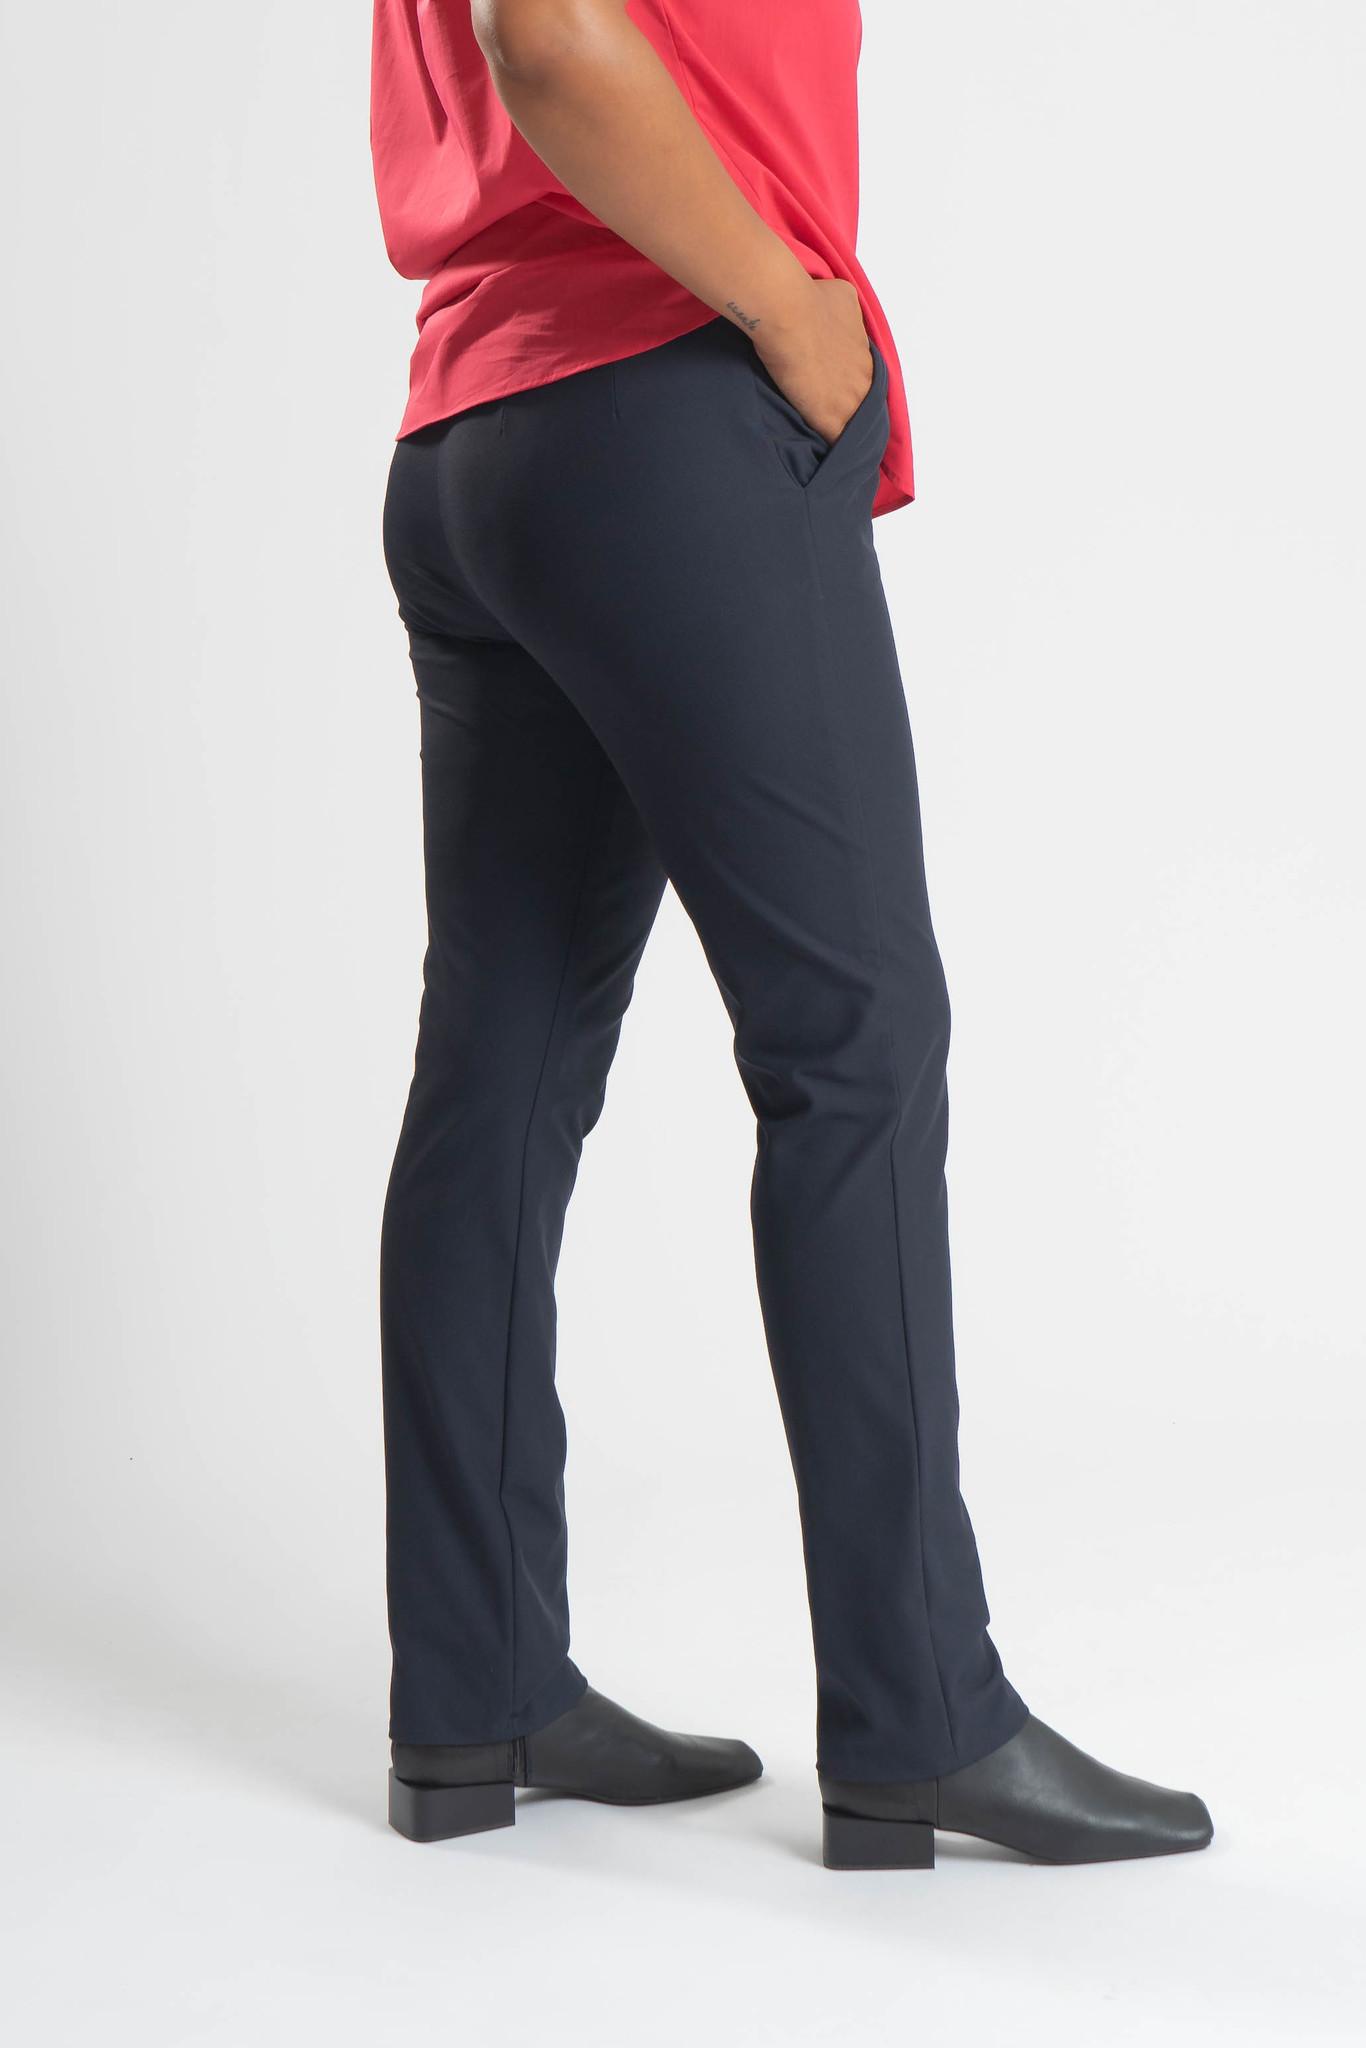 BLISS Trousers in Bi-stretch-1